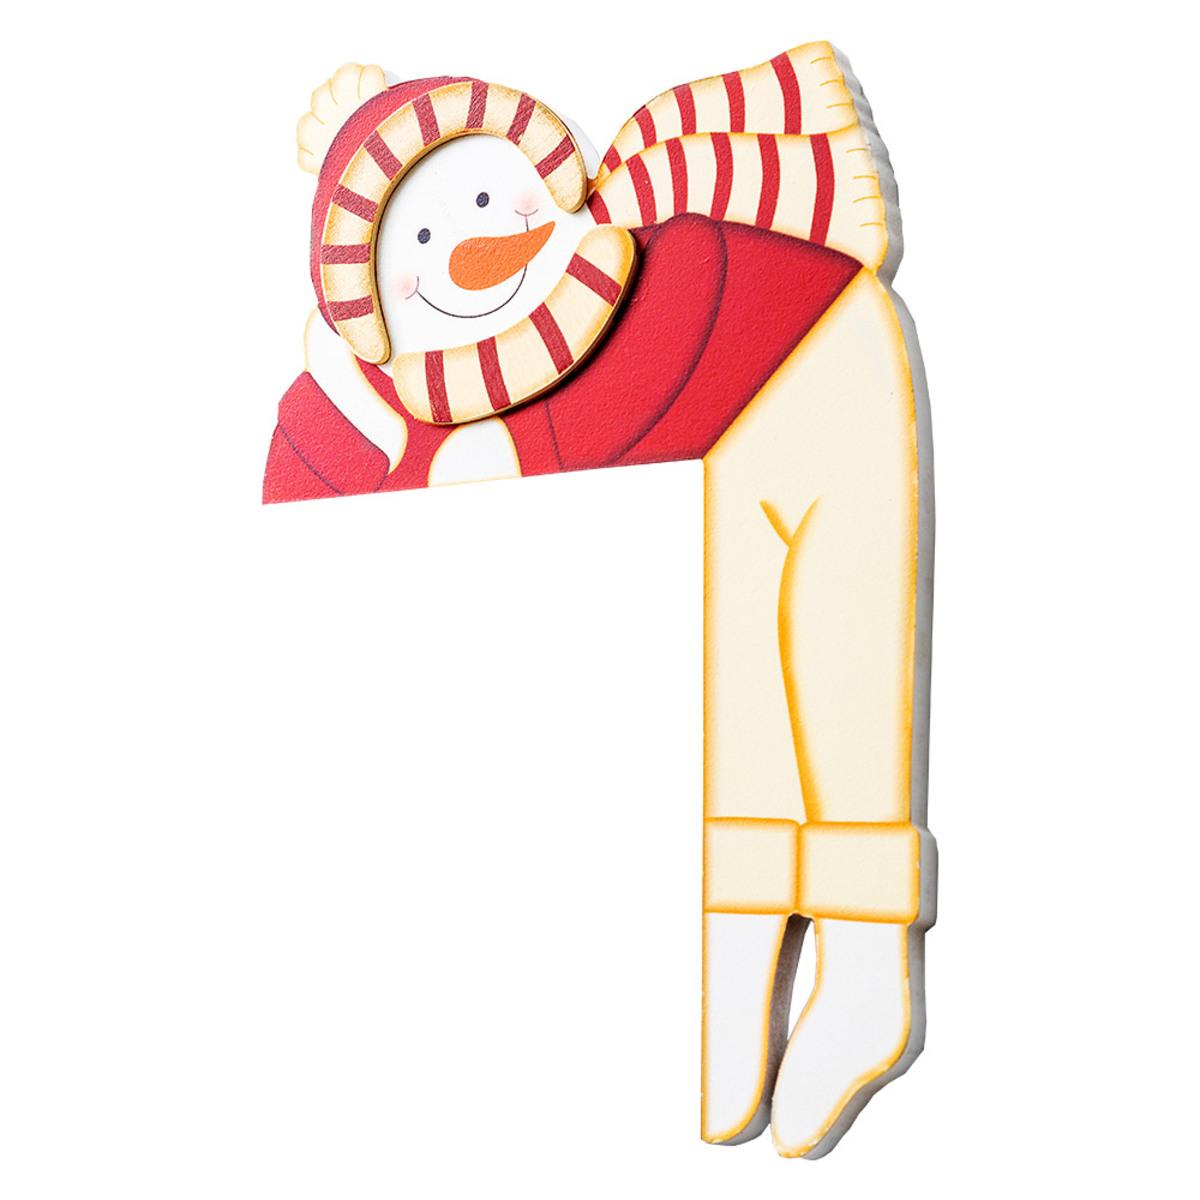 Bild 1 von Bella Casa Türrahmen-Deko aus Holz - Schneemann mit Mütze